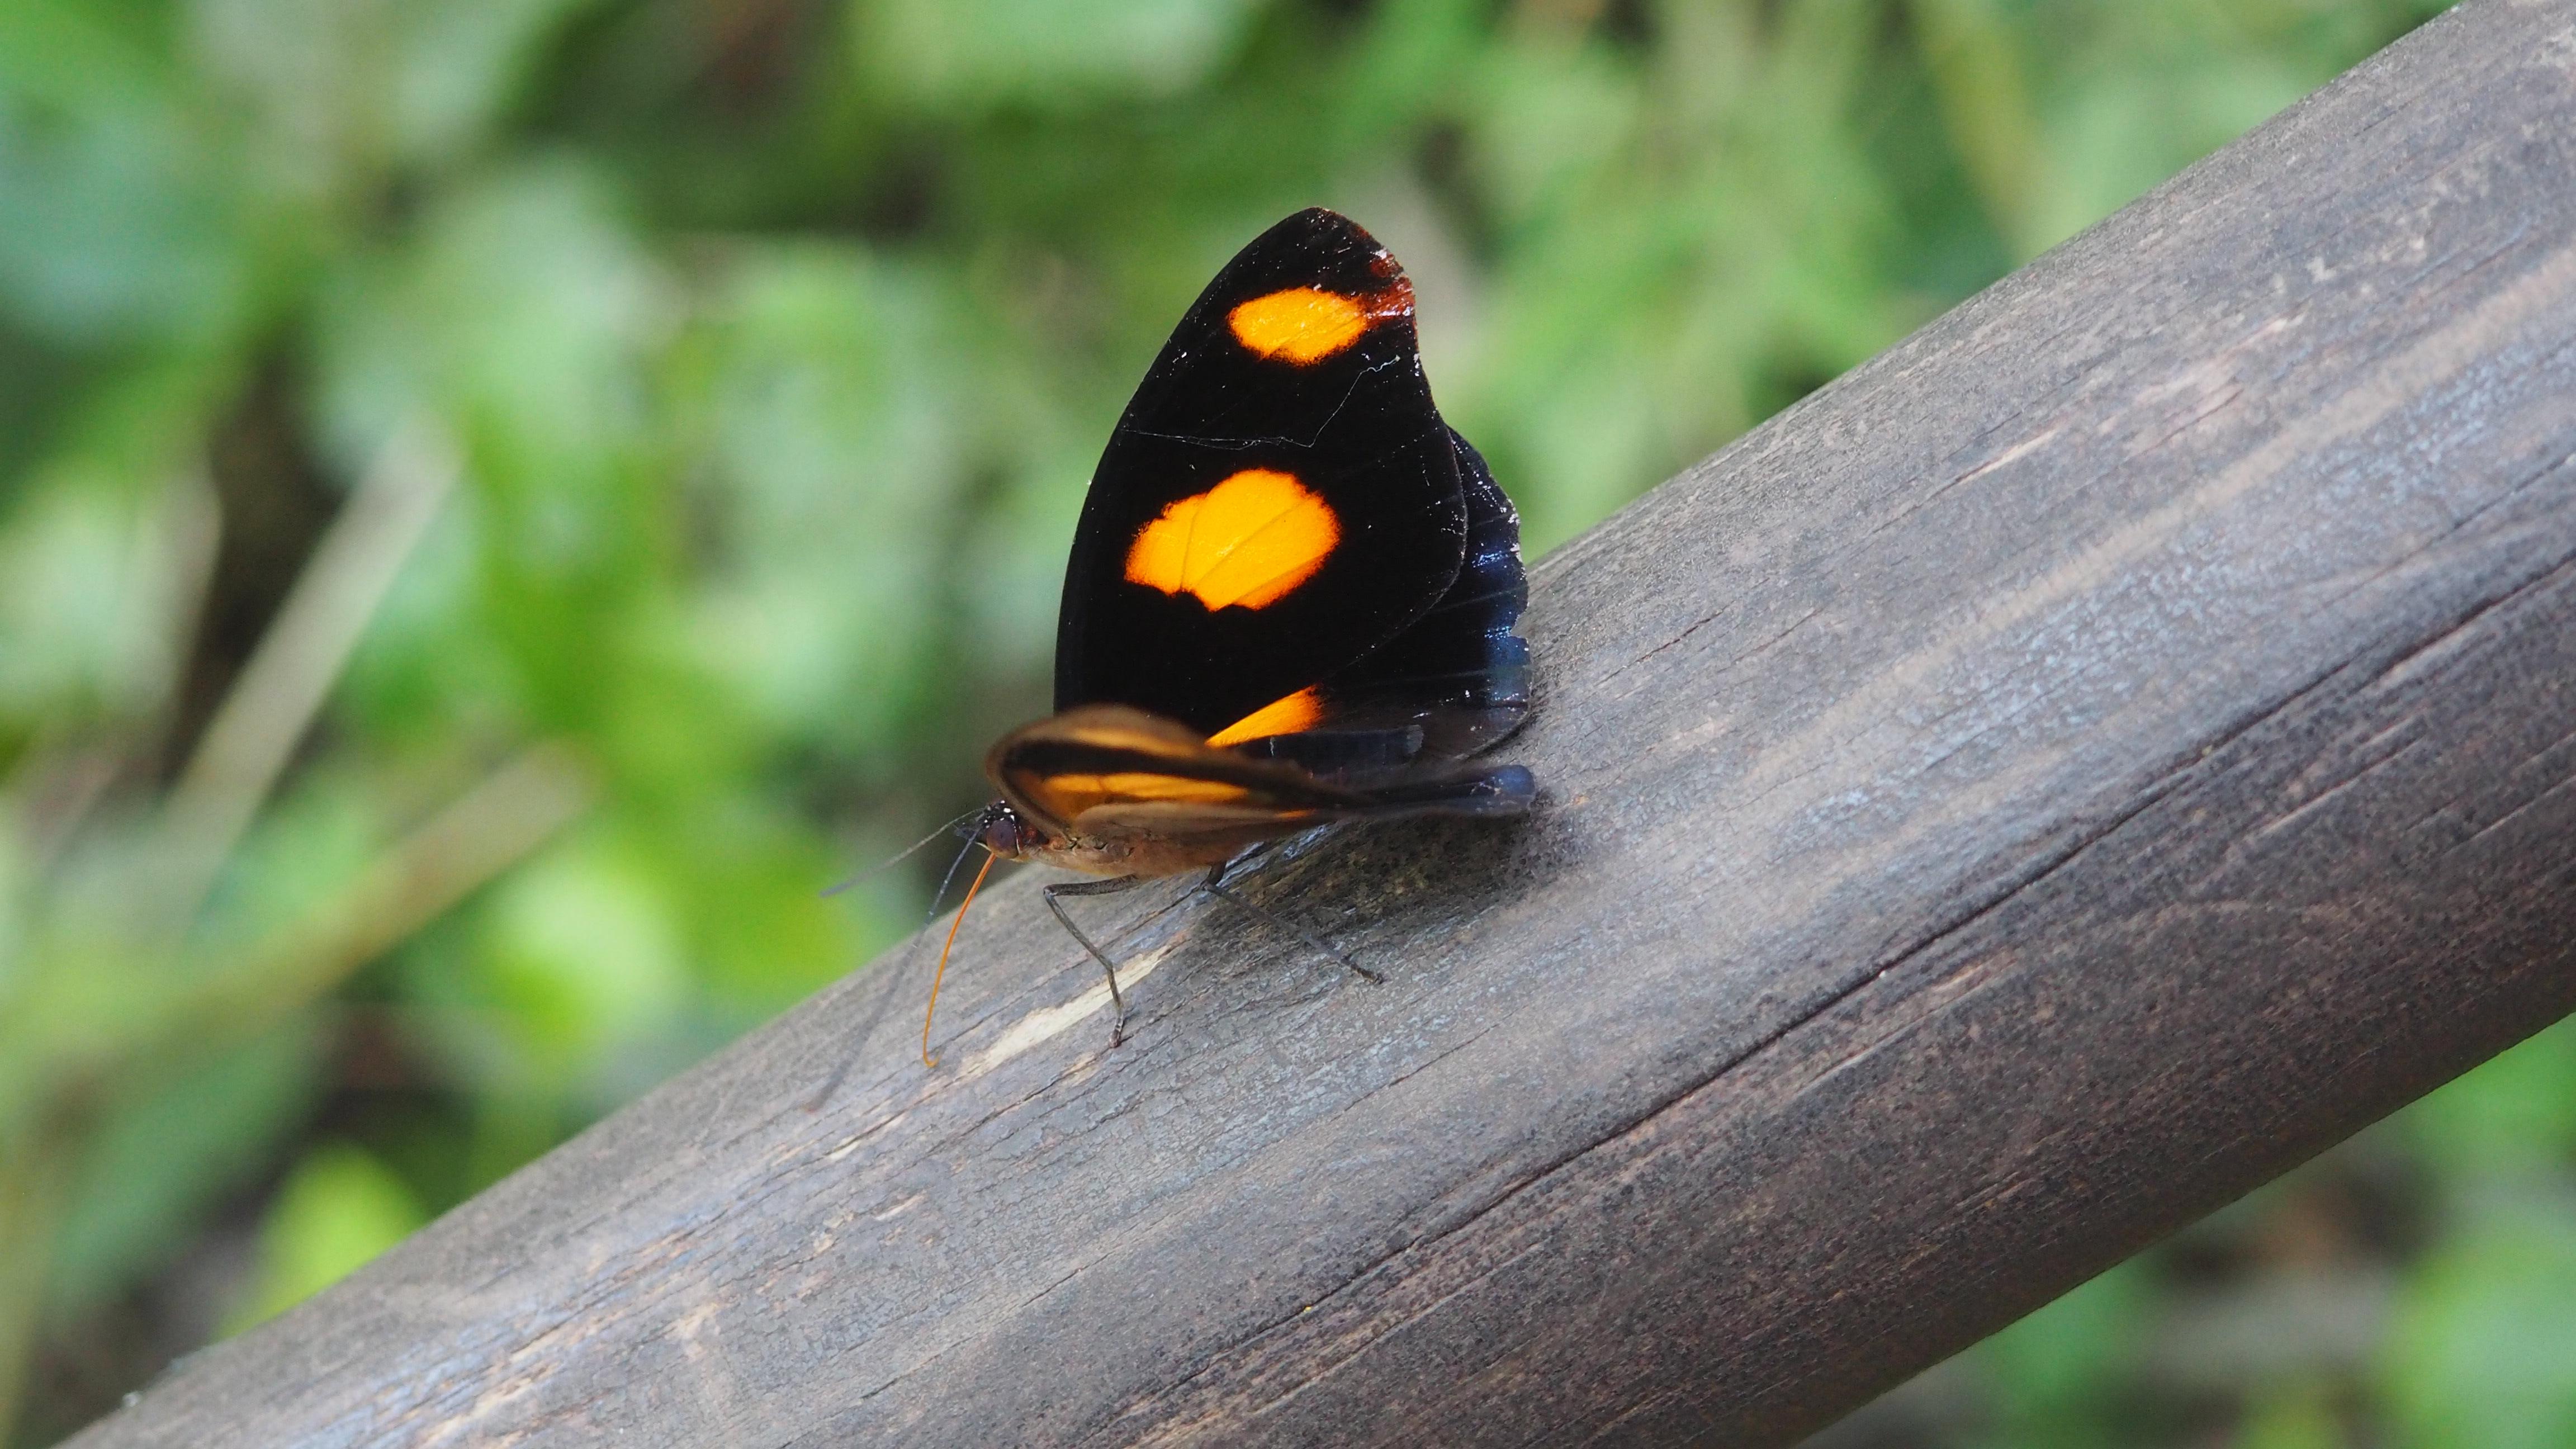 Uno de los muchos tipos de mariposa que se pueden ver al visitar el lado argentino de las Cataratas de Iguazú